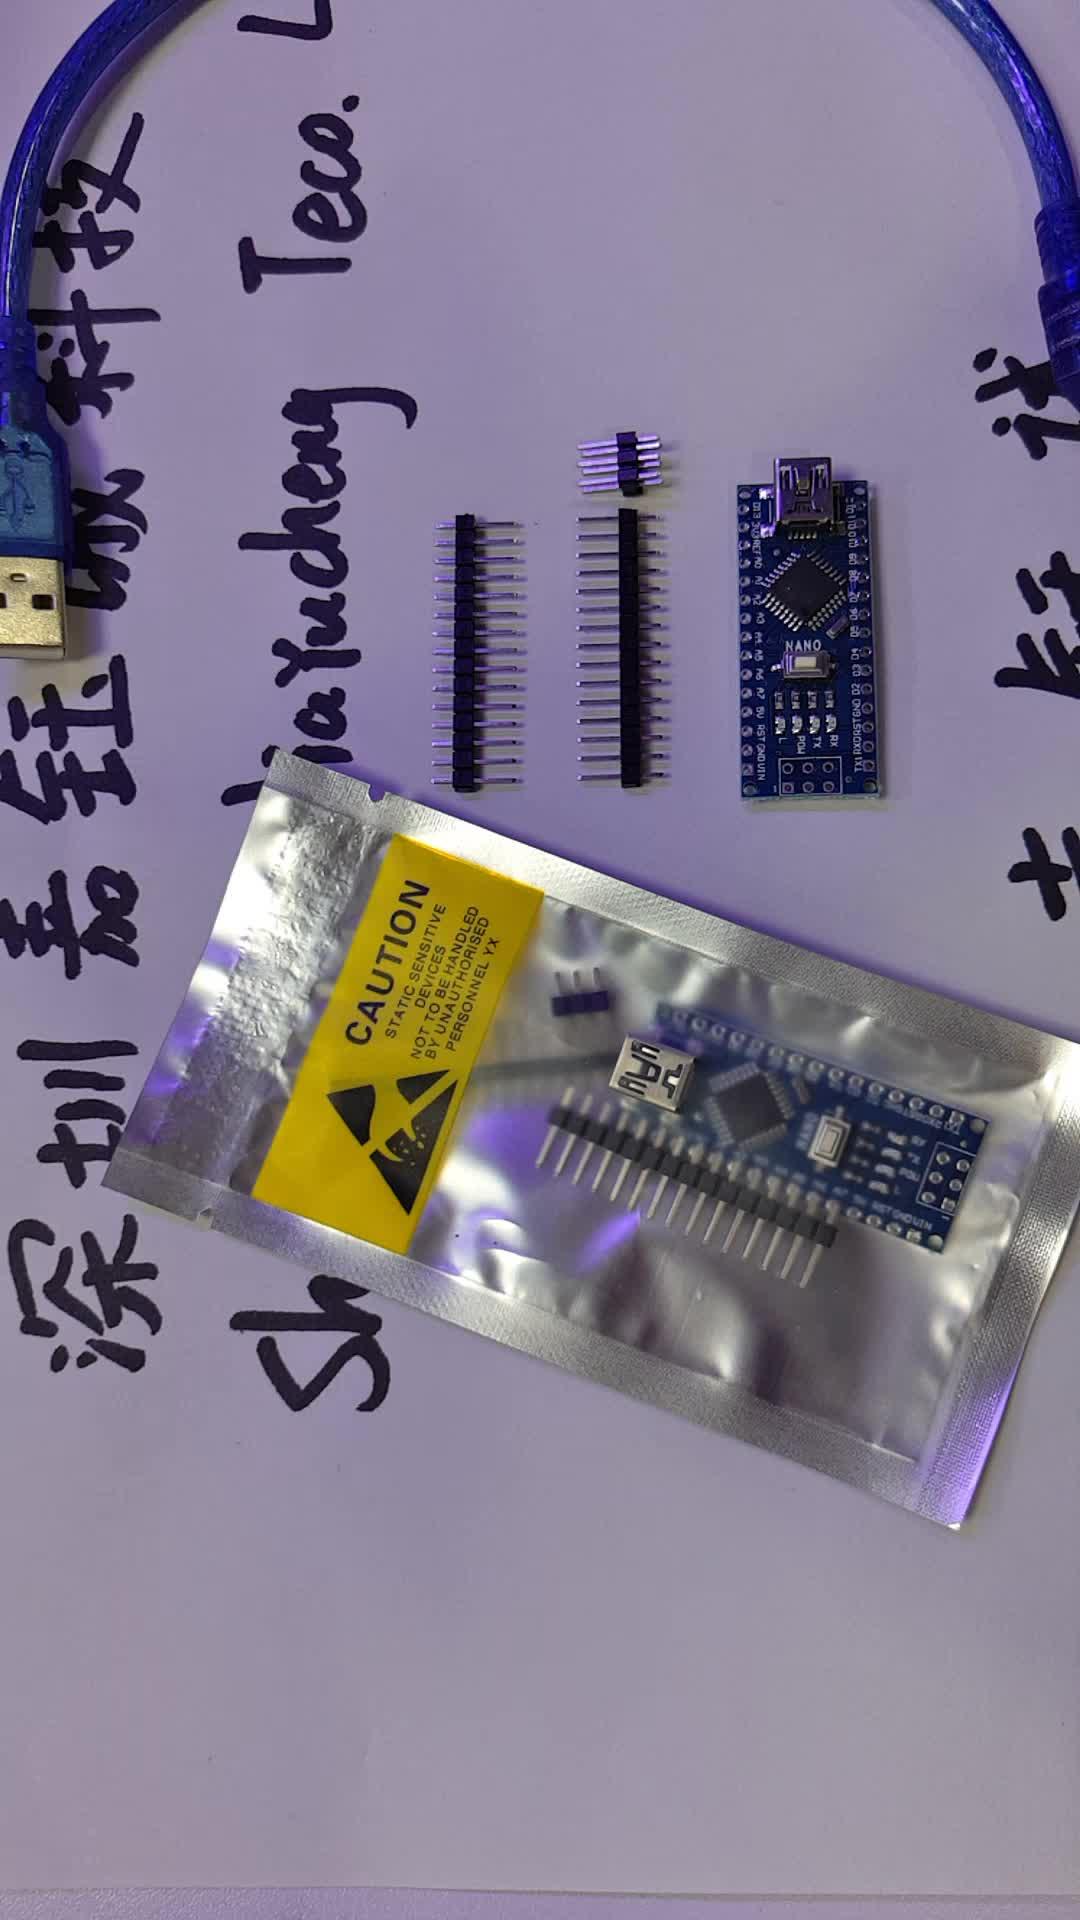 Nano V3.0 3.0 Controller kompatibel mit Nano CH340 USB-Treiber NO CABLE für Ardus NANO V3.0 3D-Drucker